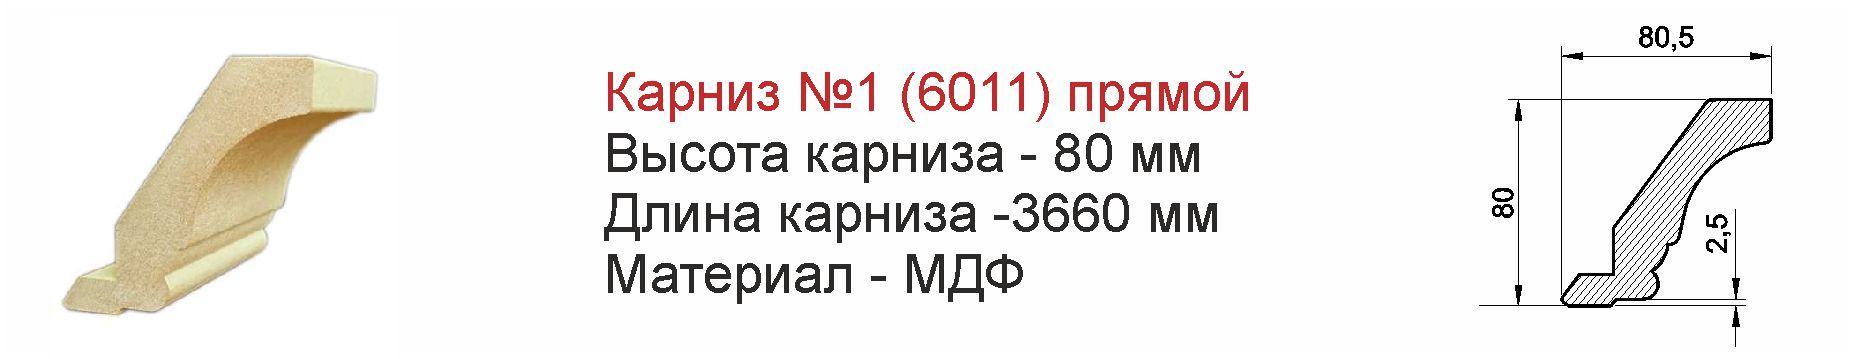 Прямой кухонный карниз из МДФ №1 (6011)